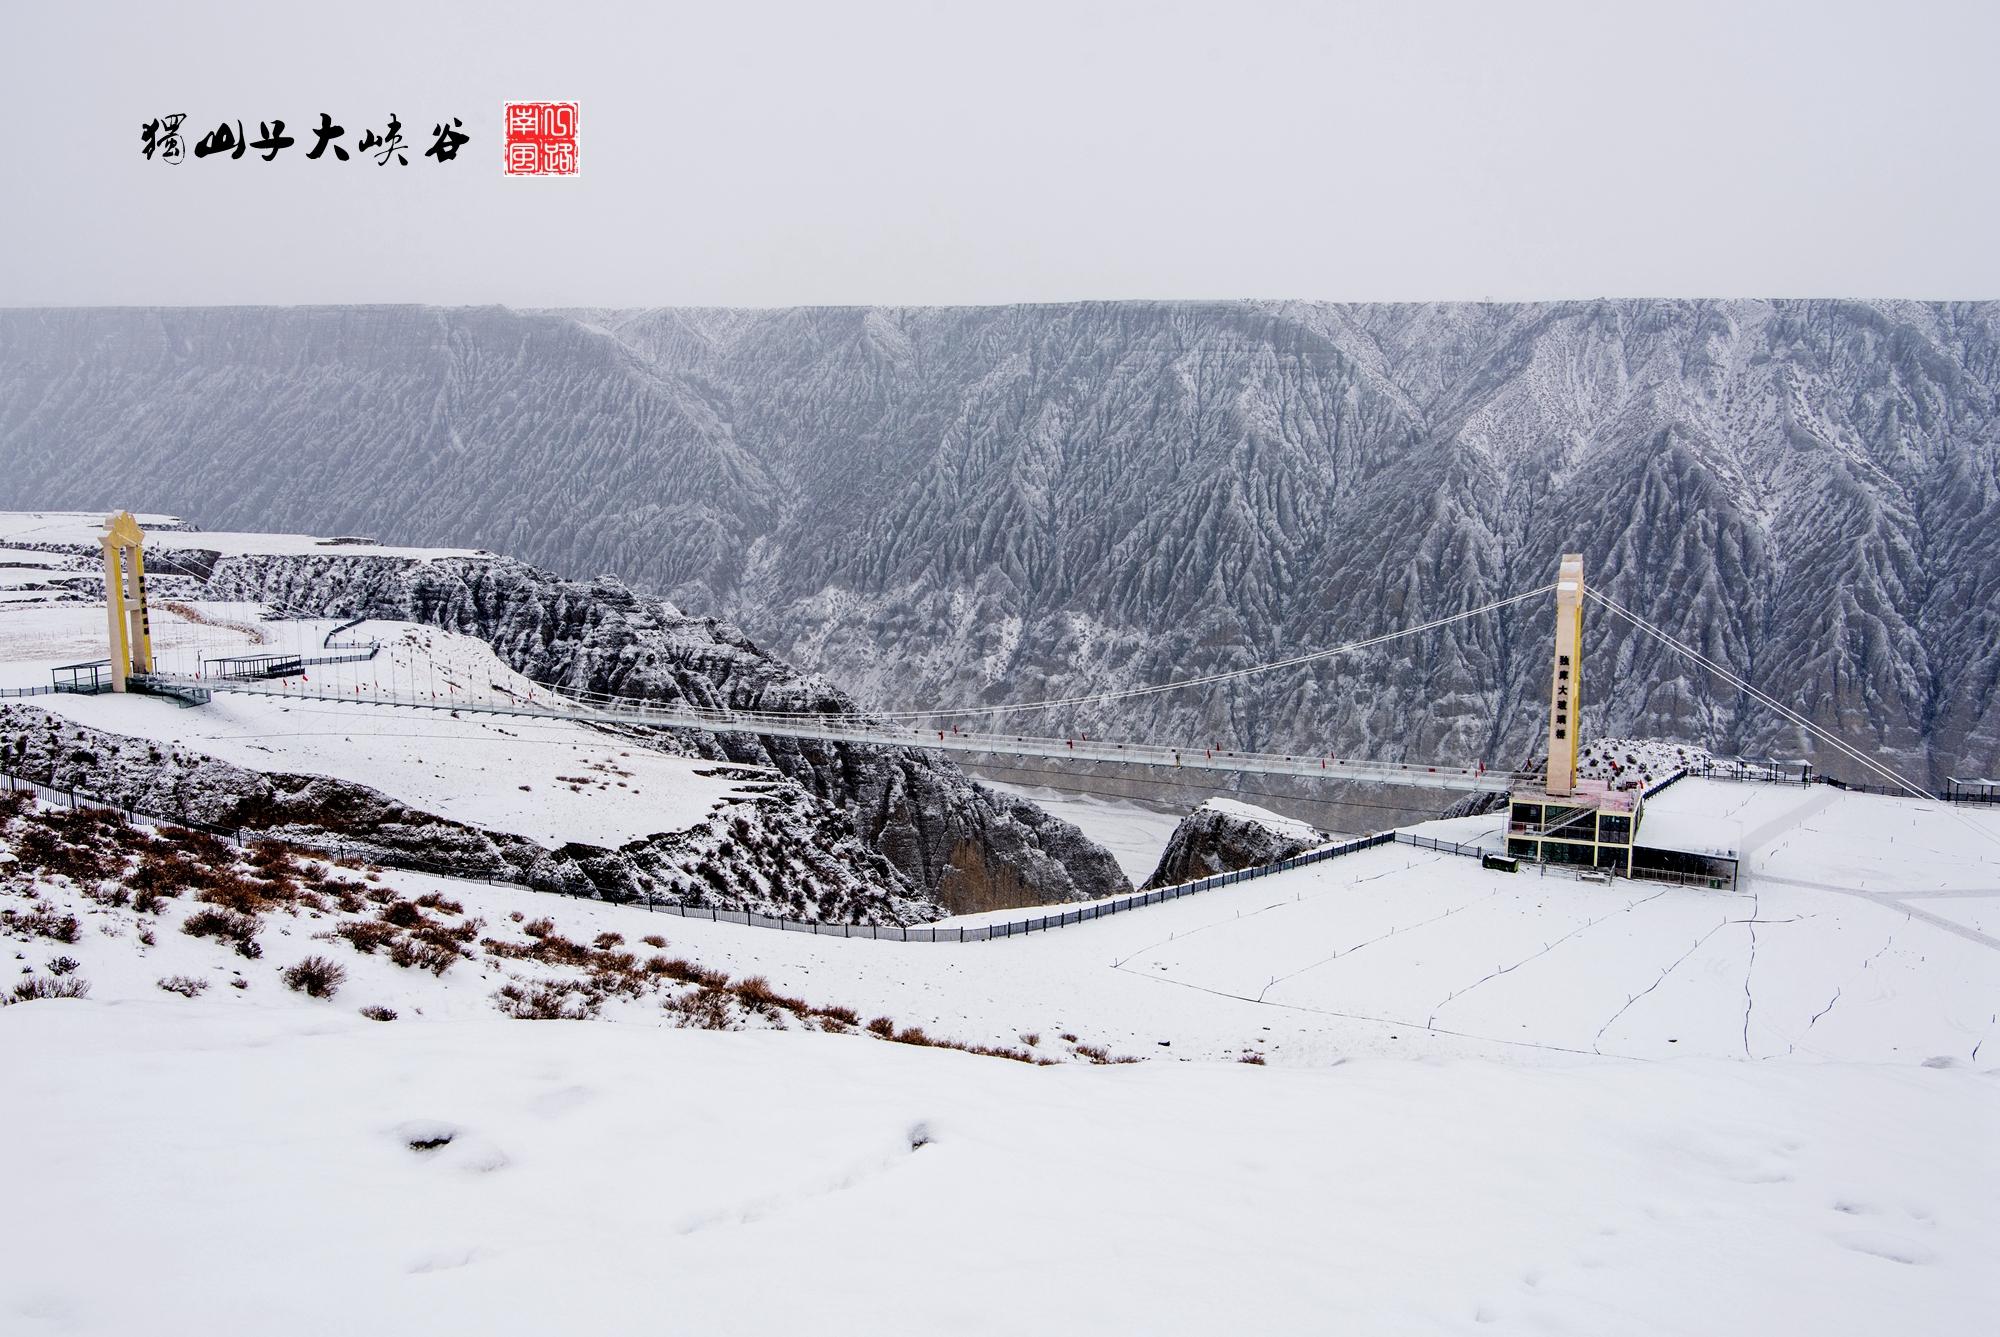 原创             中国最美独库公路,亿年奇观大峡谷,拥有新疆最高最宽的玻璃桥!